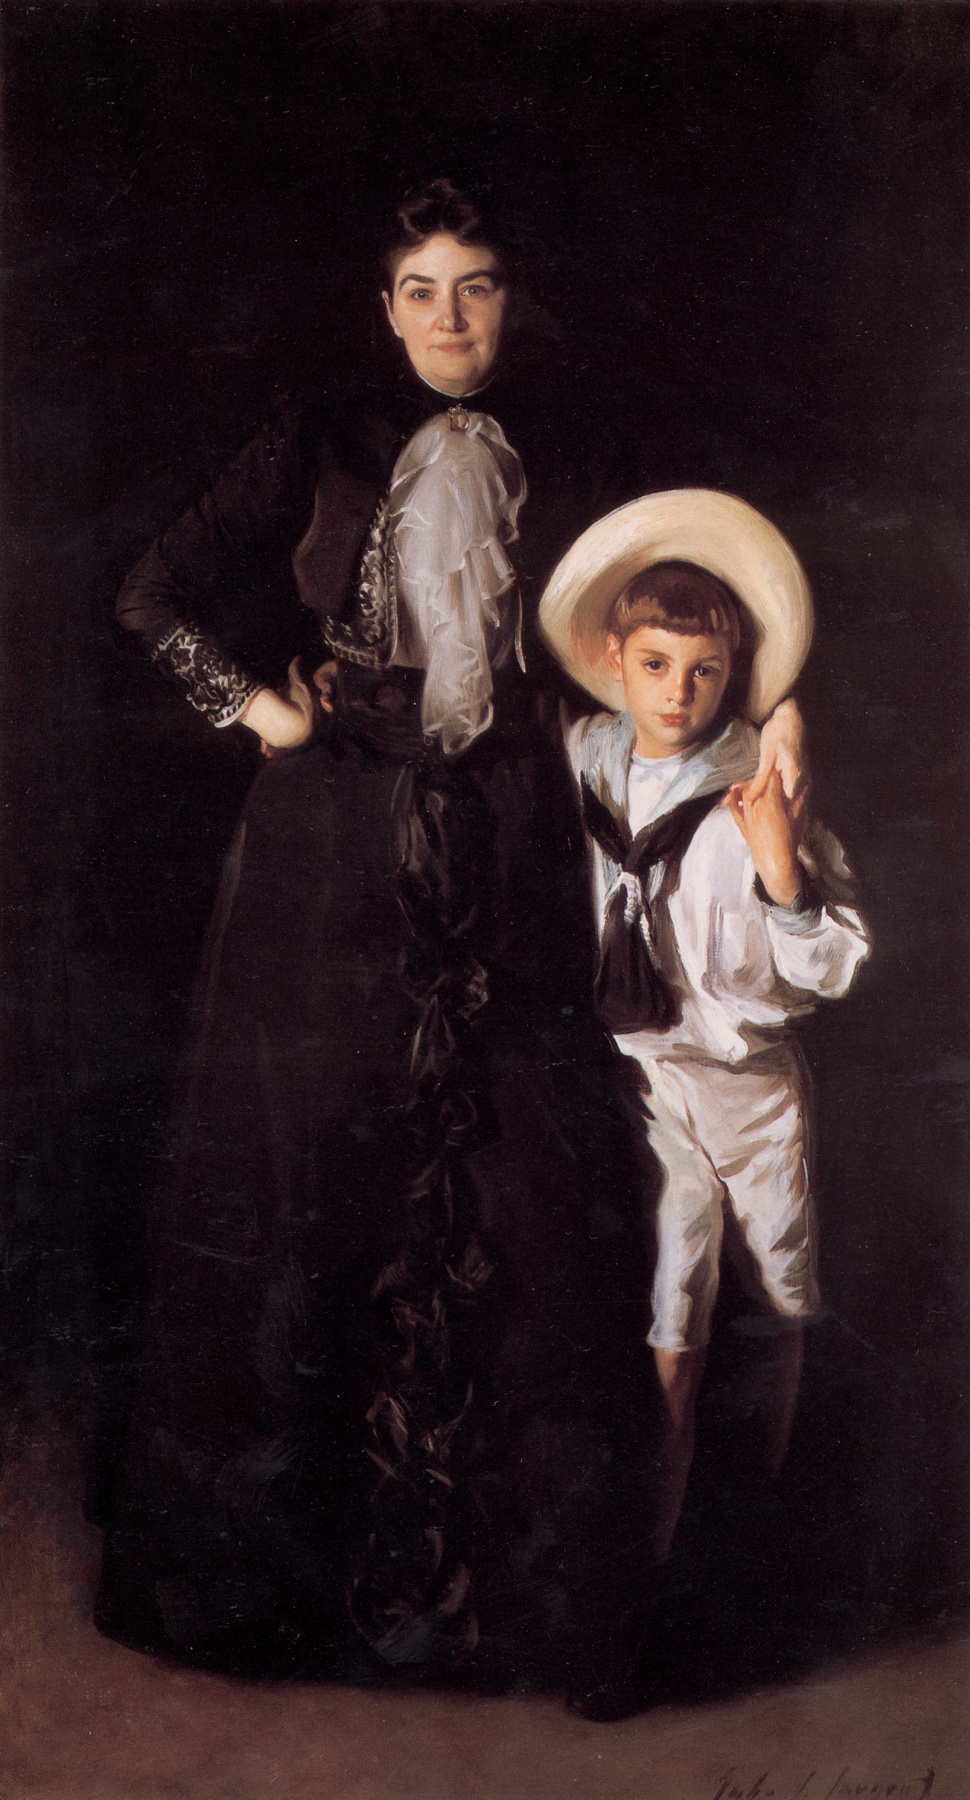 Джон Сингер Сарджент. Миссис Эдвард Дэвис и ее сын Ливингстон